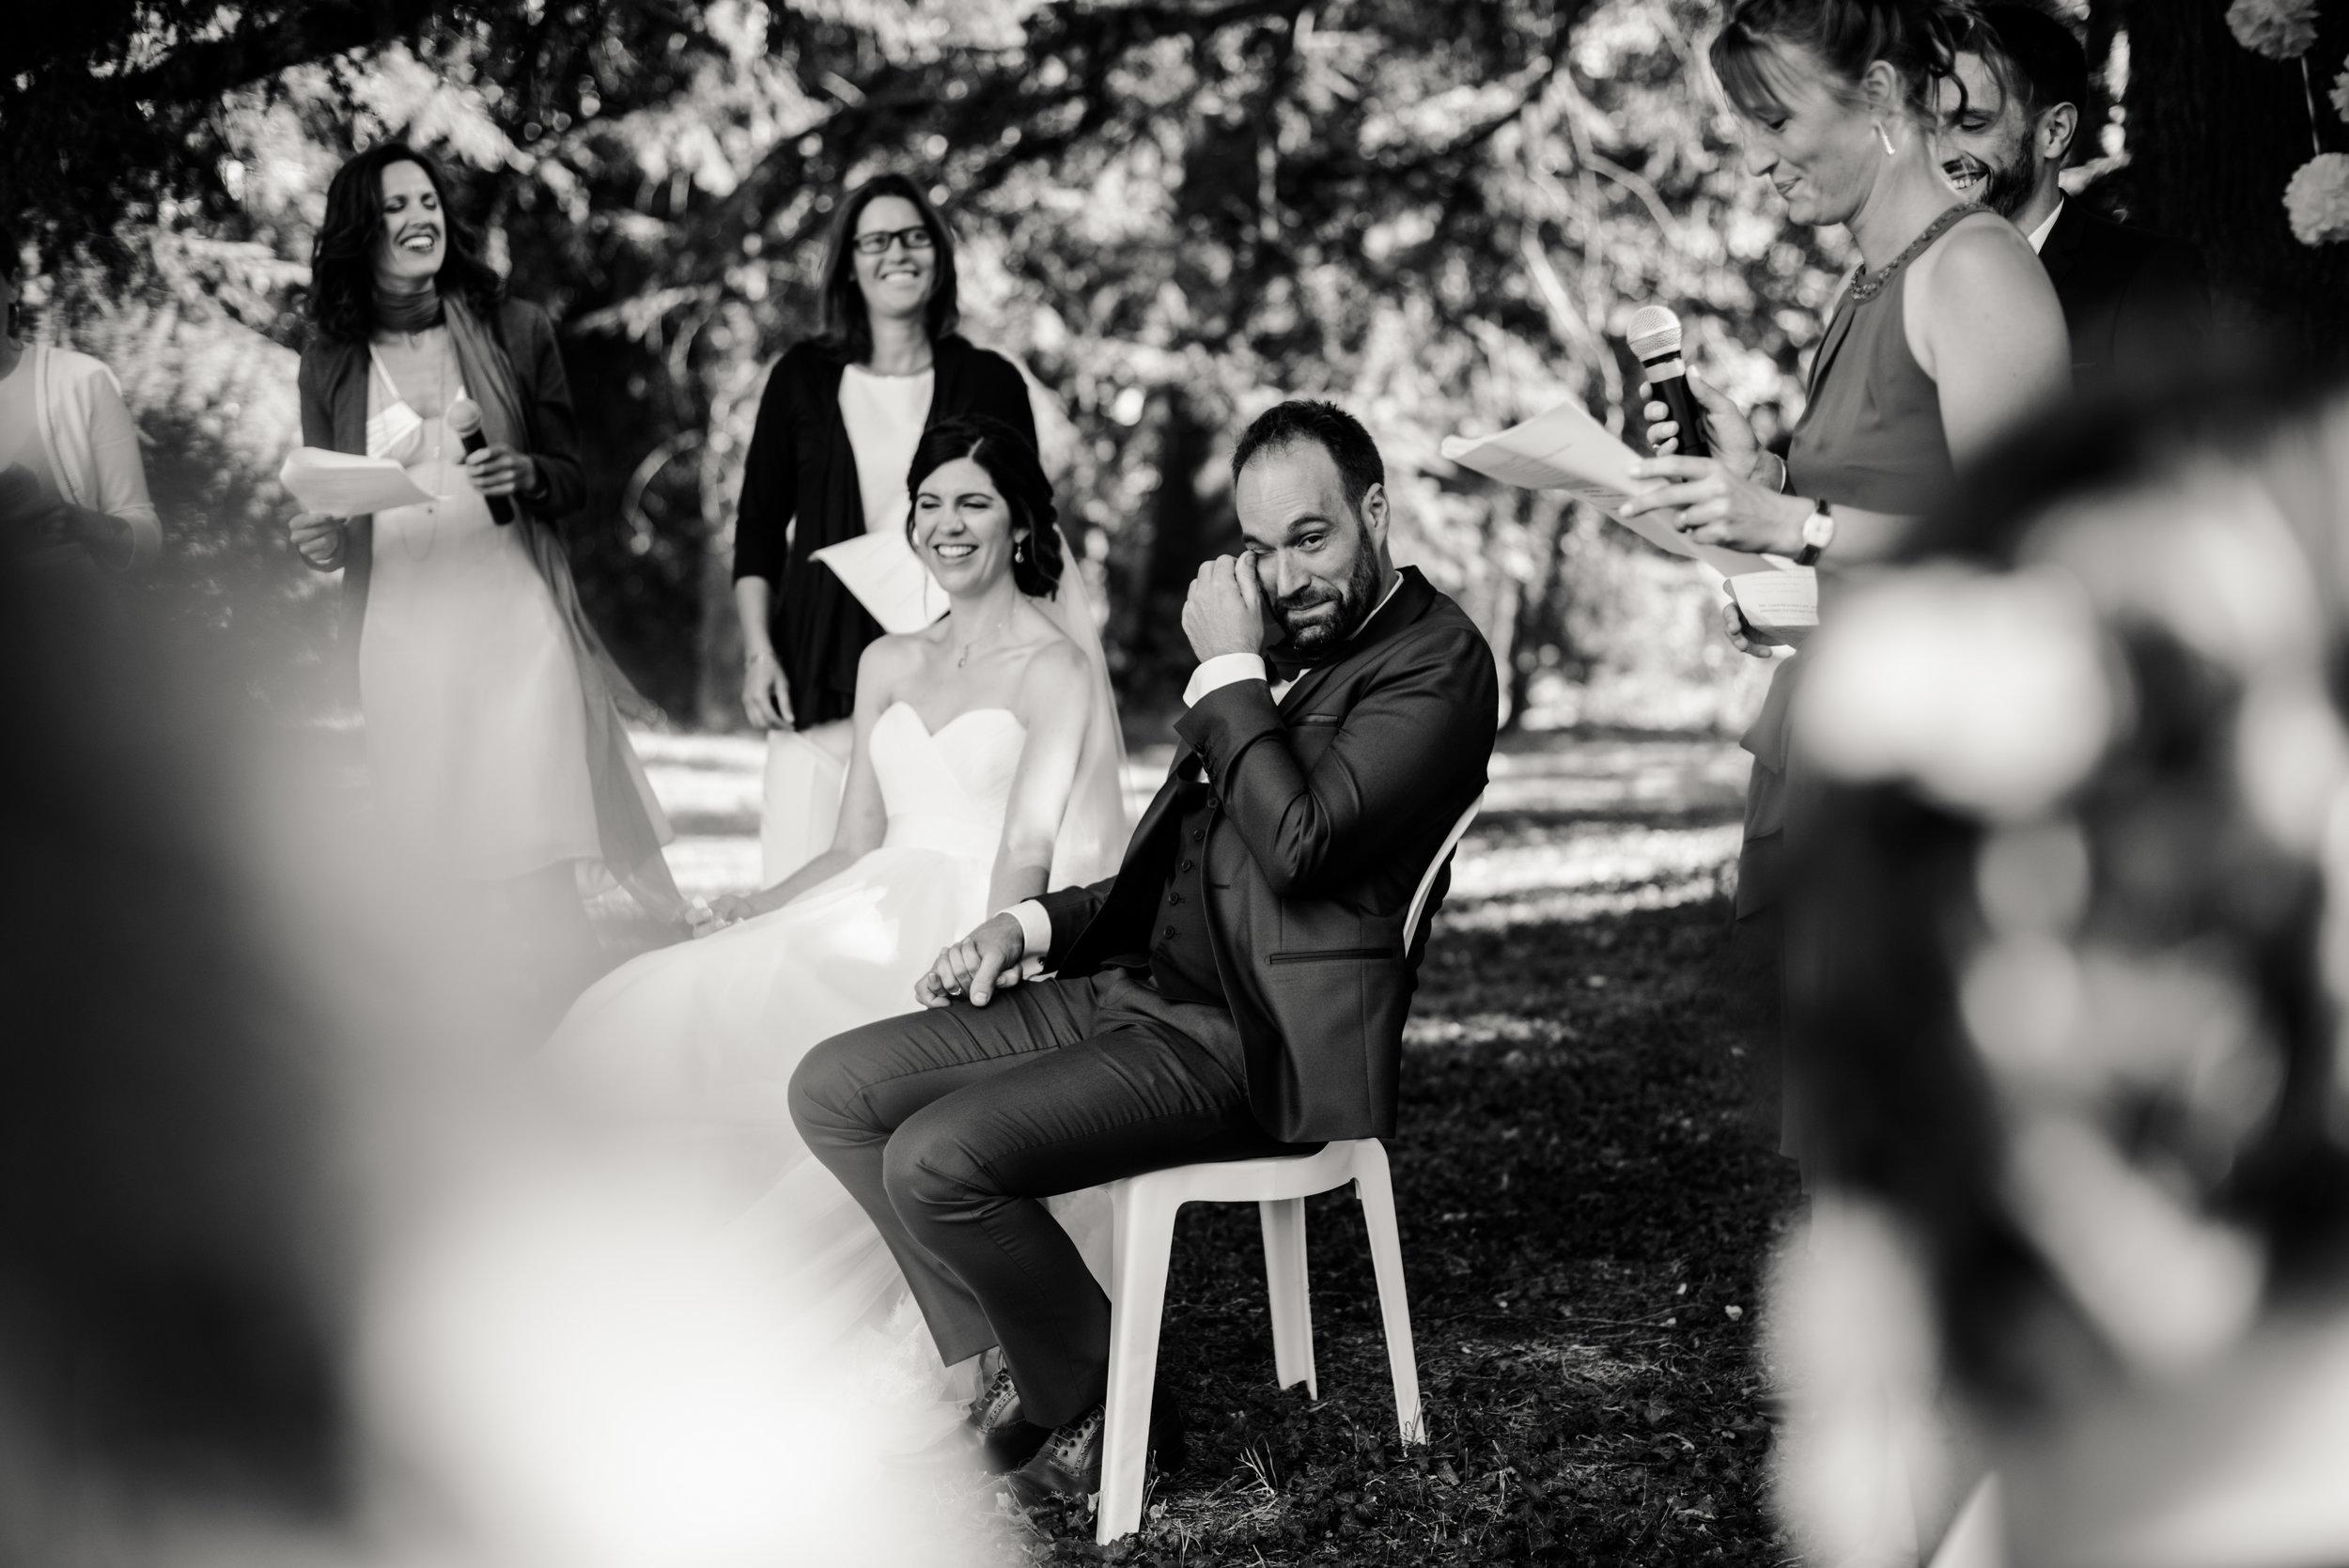 Léa-Fery-photographe-professionnel-lyon-rhone-alpes-portrait-creation-mariage-evenement-evenementiel-famille-8722.jpg